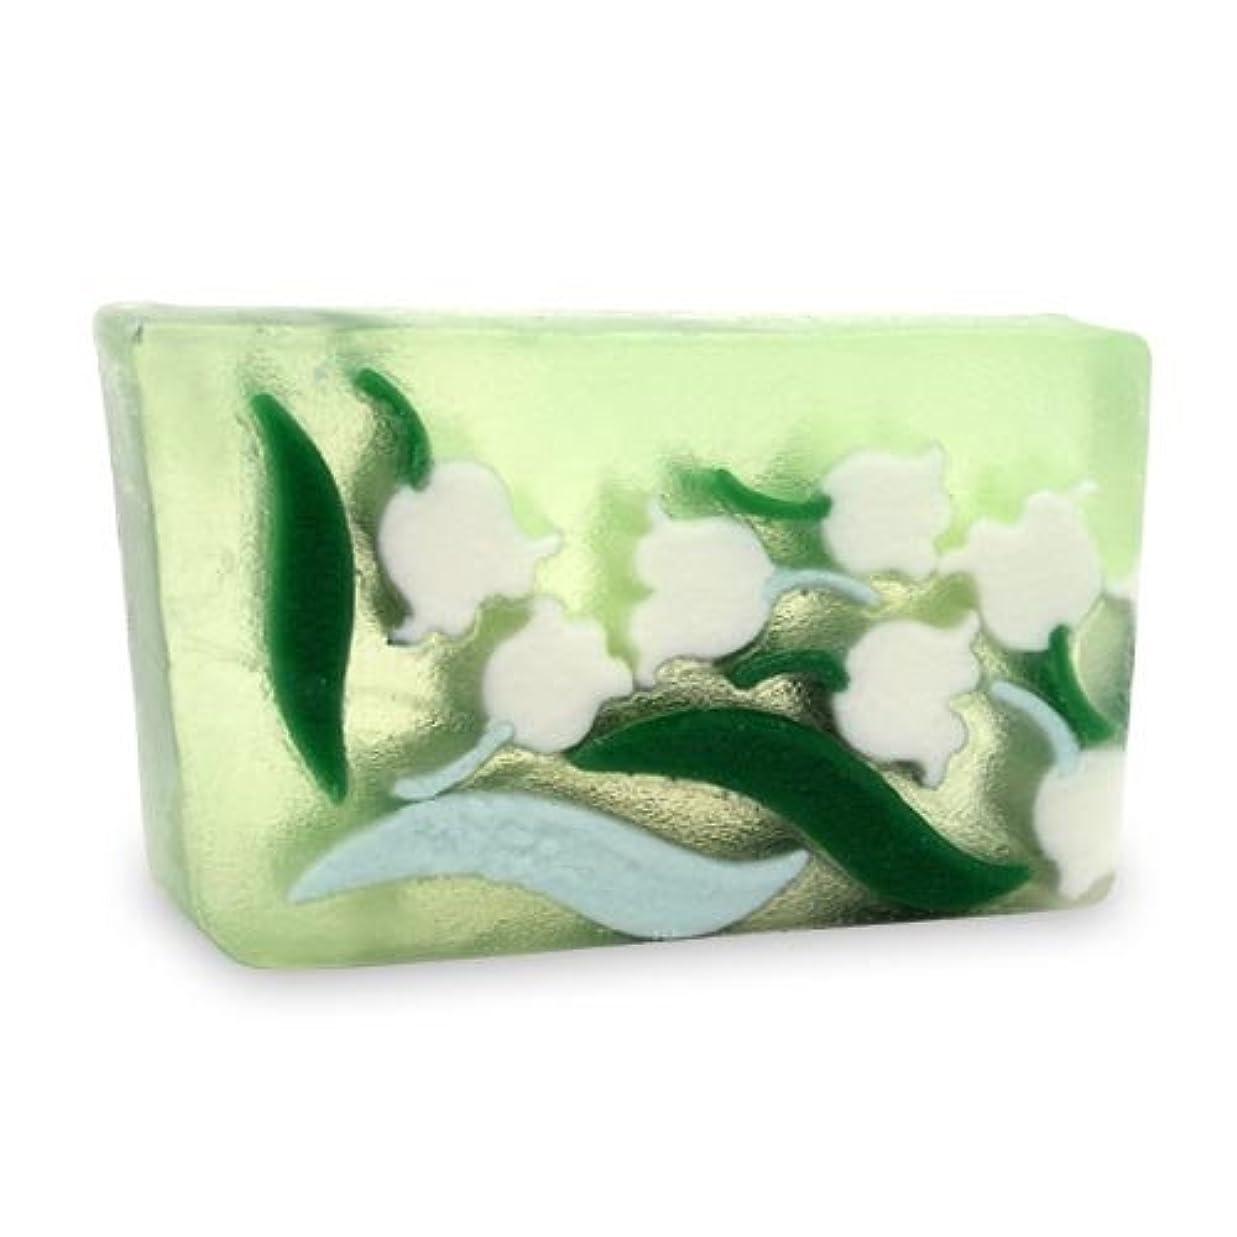 まともな磨かれた評価プライモールエレメンツ アロマティック ソープ ユリ 180g 植物性 ナチュラル 石鹸 無添加